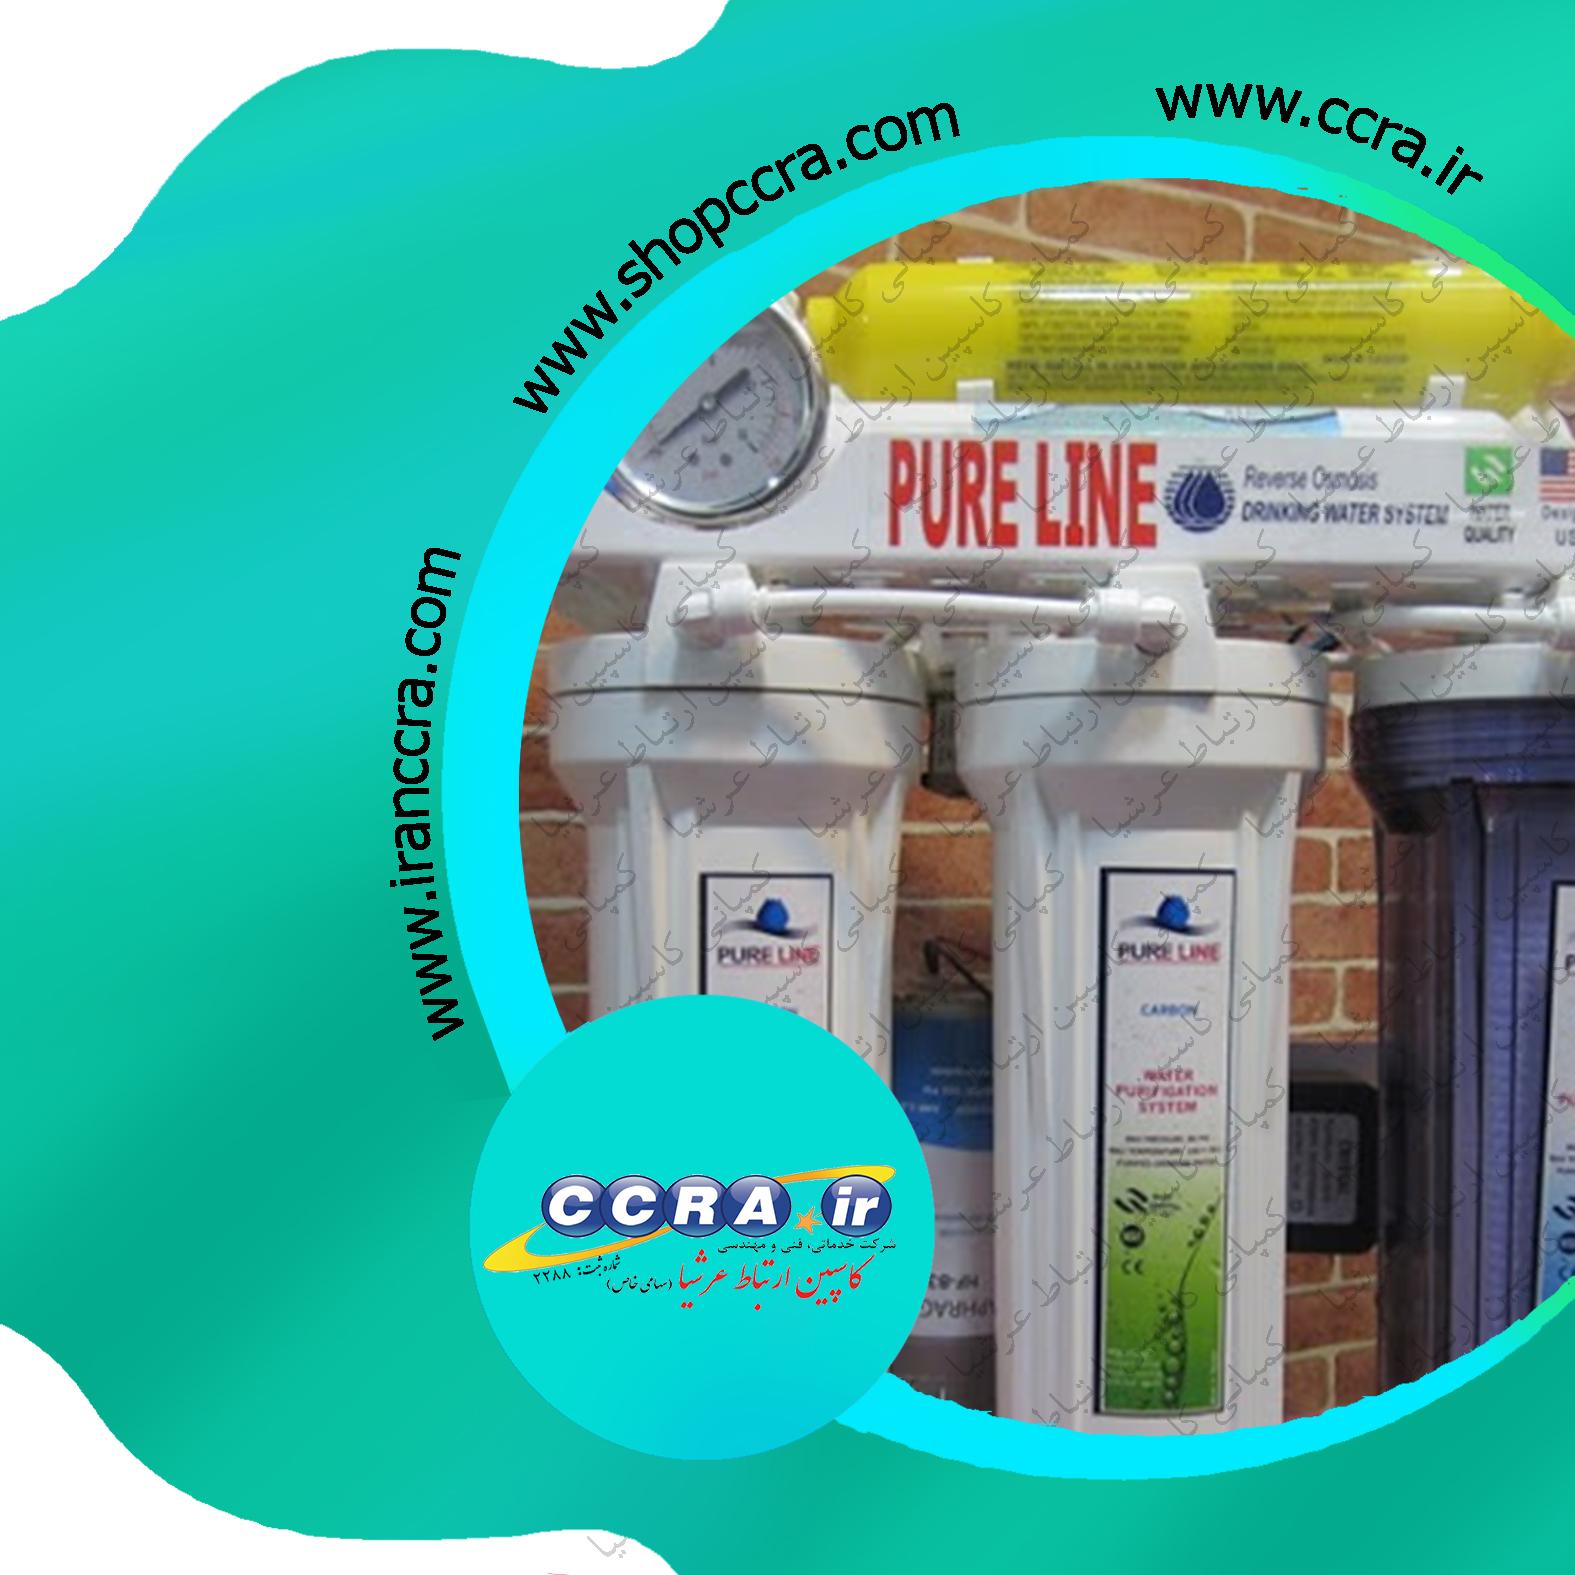 سرویس دوره ای دستگاه های تصفیه آب خانگی پیوری واتر شامل چه مراحلی است ؟